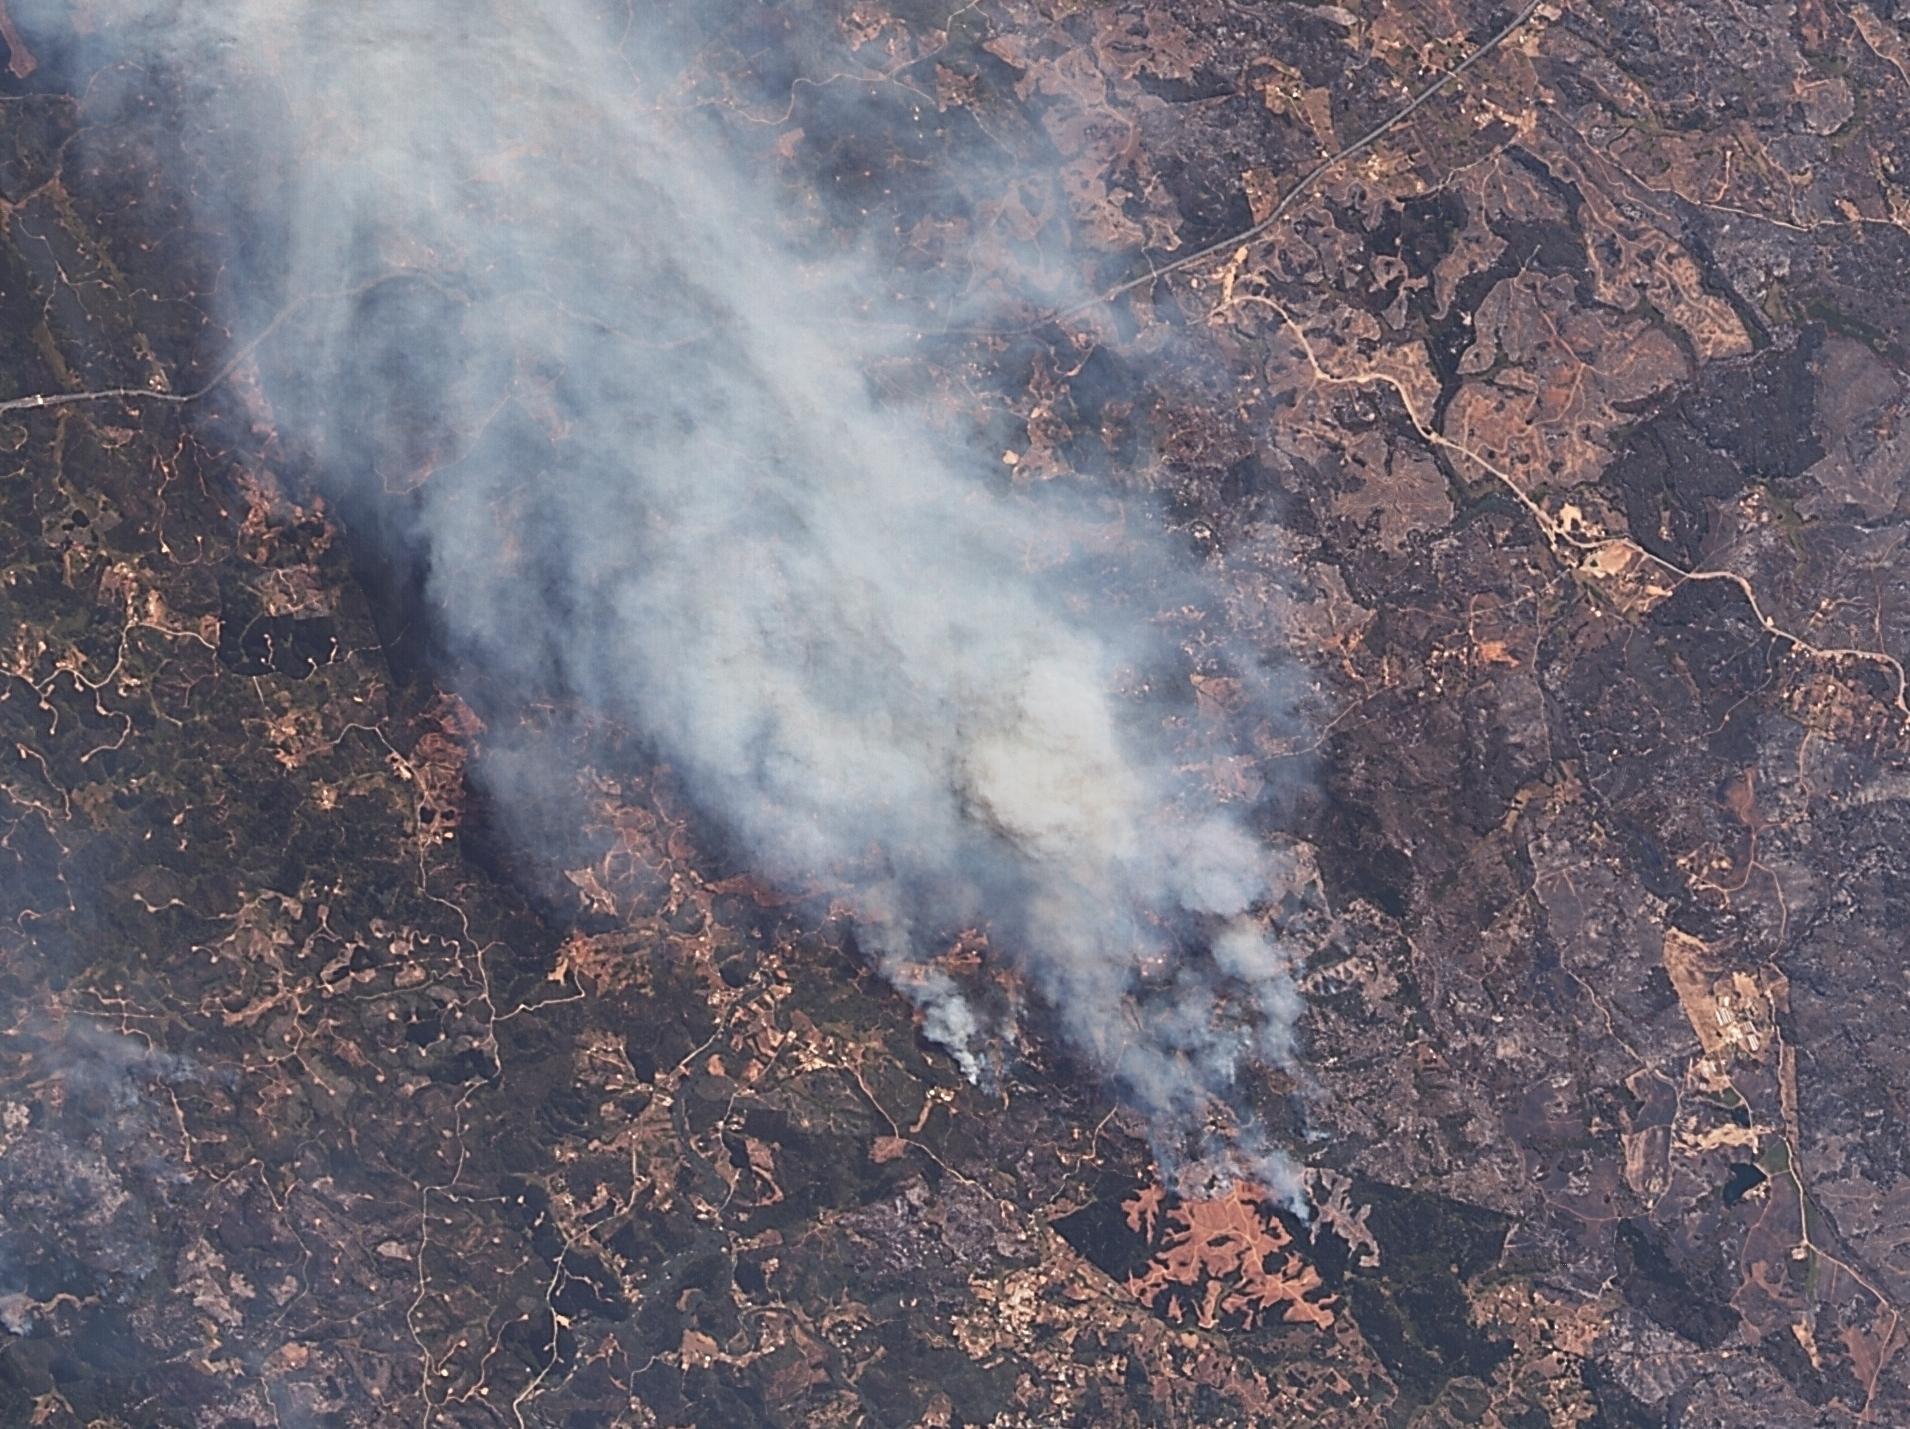 Şili Orman Yangınları 31 Ocak 2017